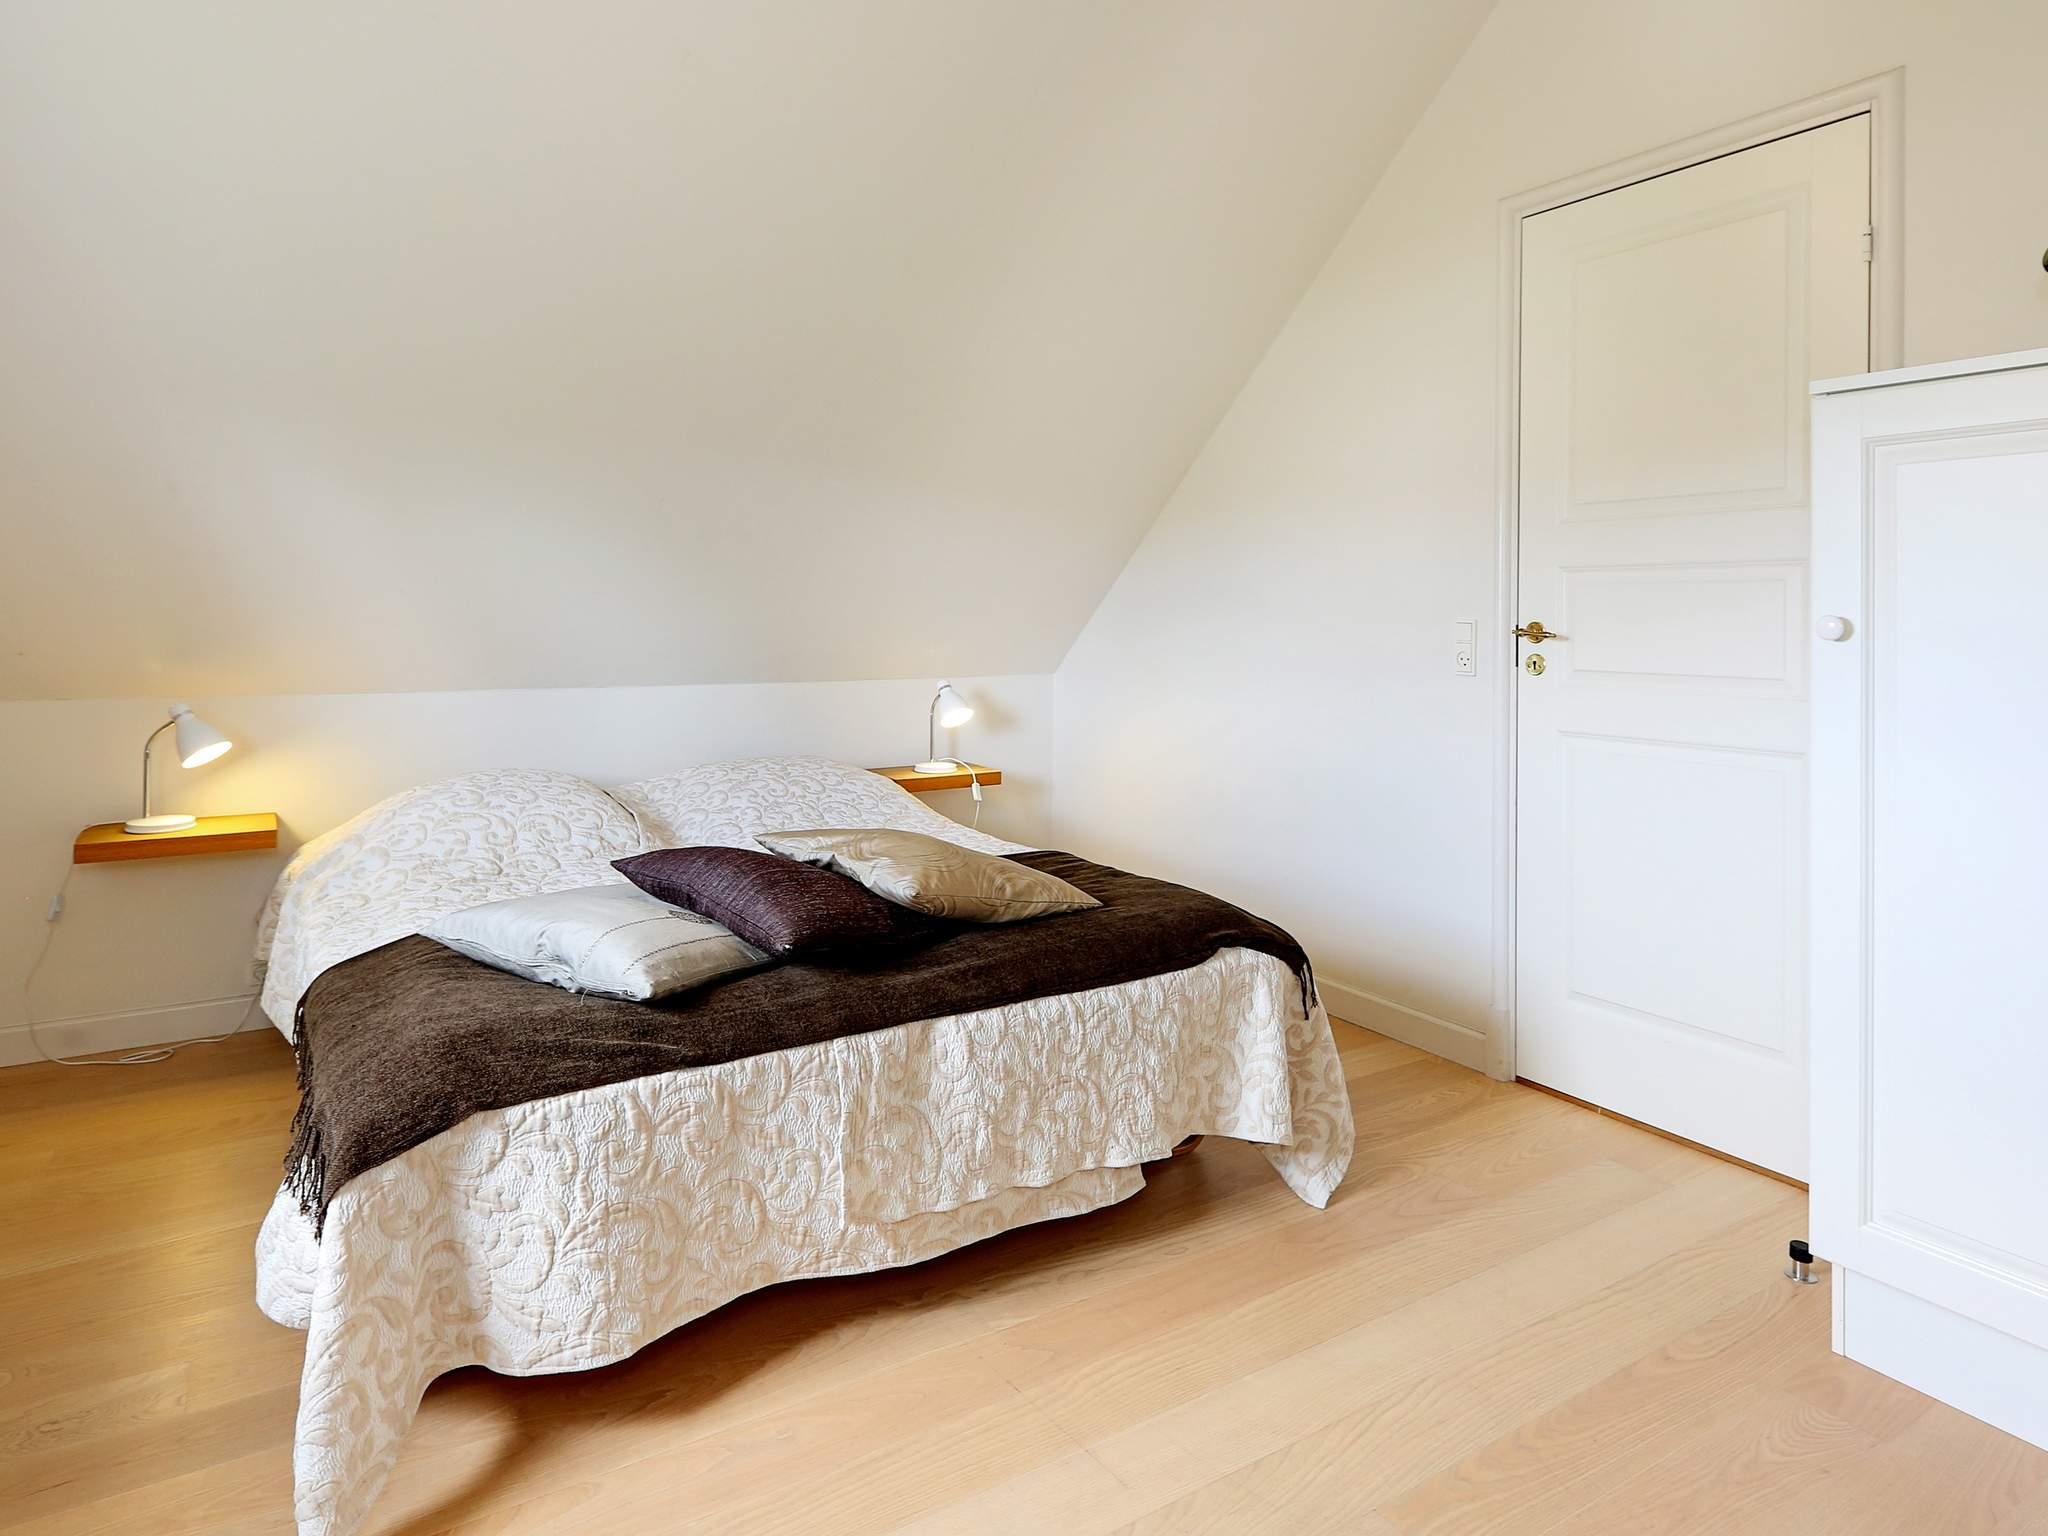 Ferienhaus Rågeleje (469708), Rågeleje, , Nordseeland, Dänemark, Bild 8